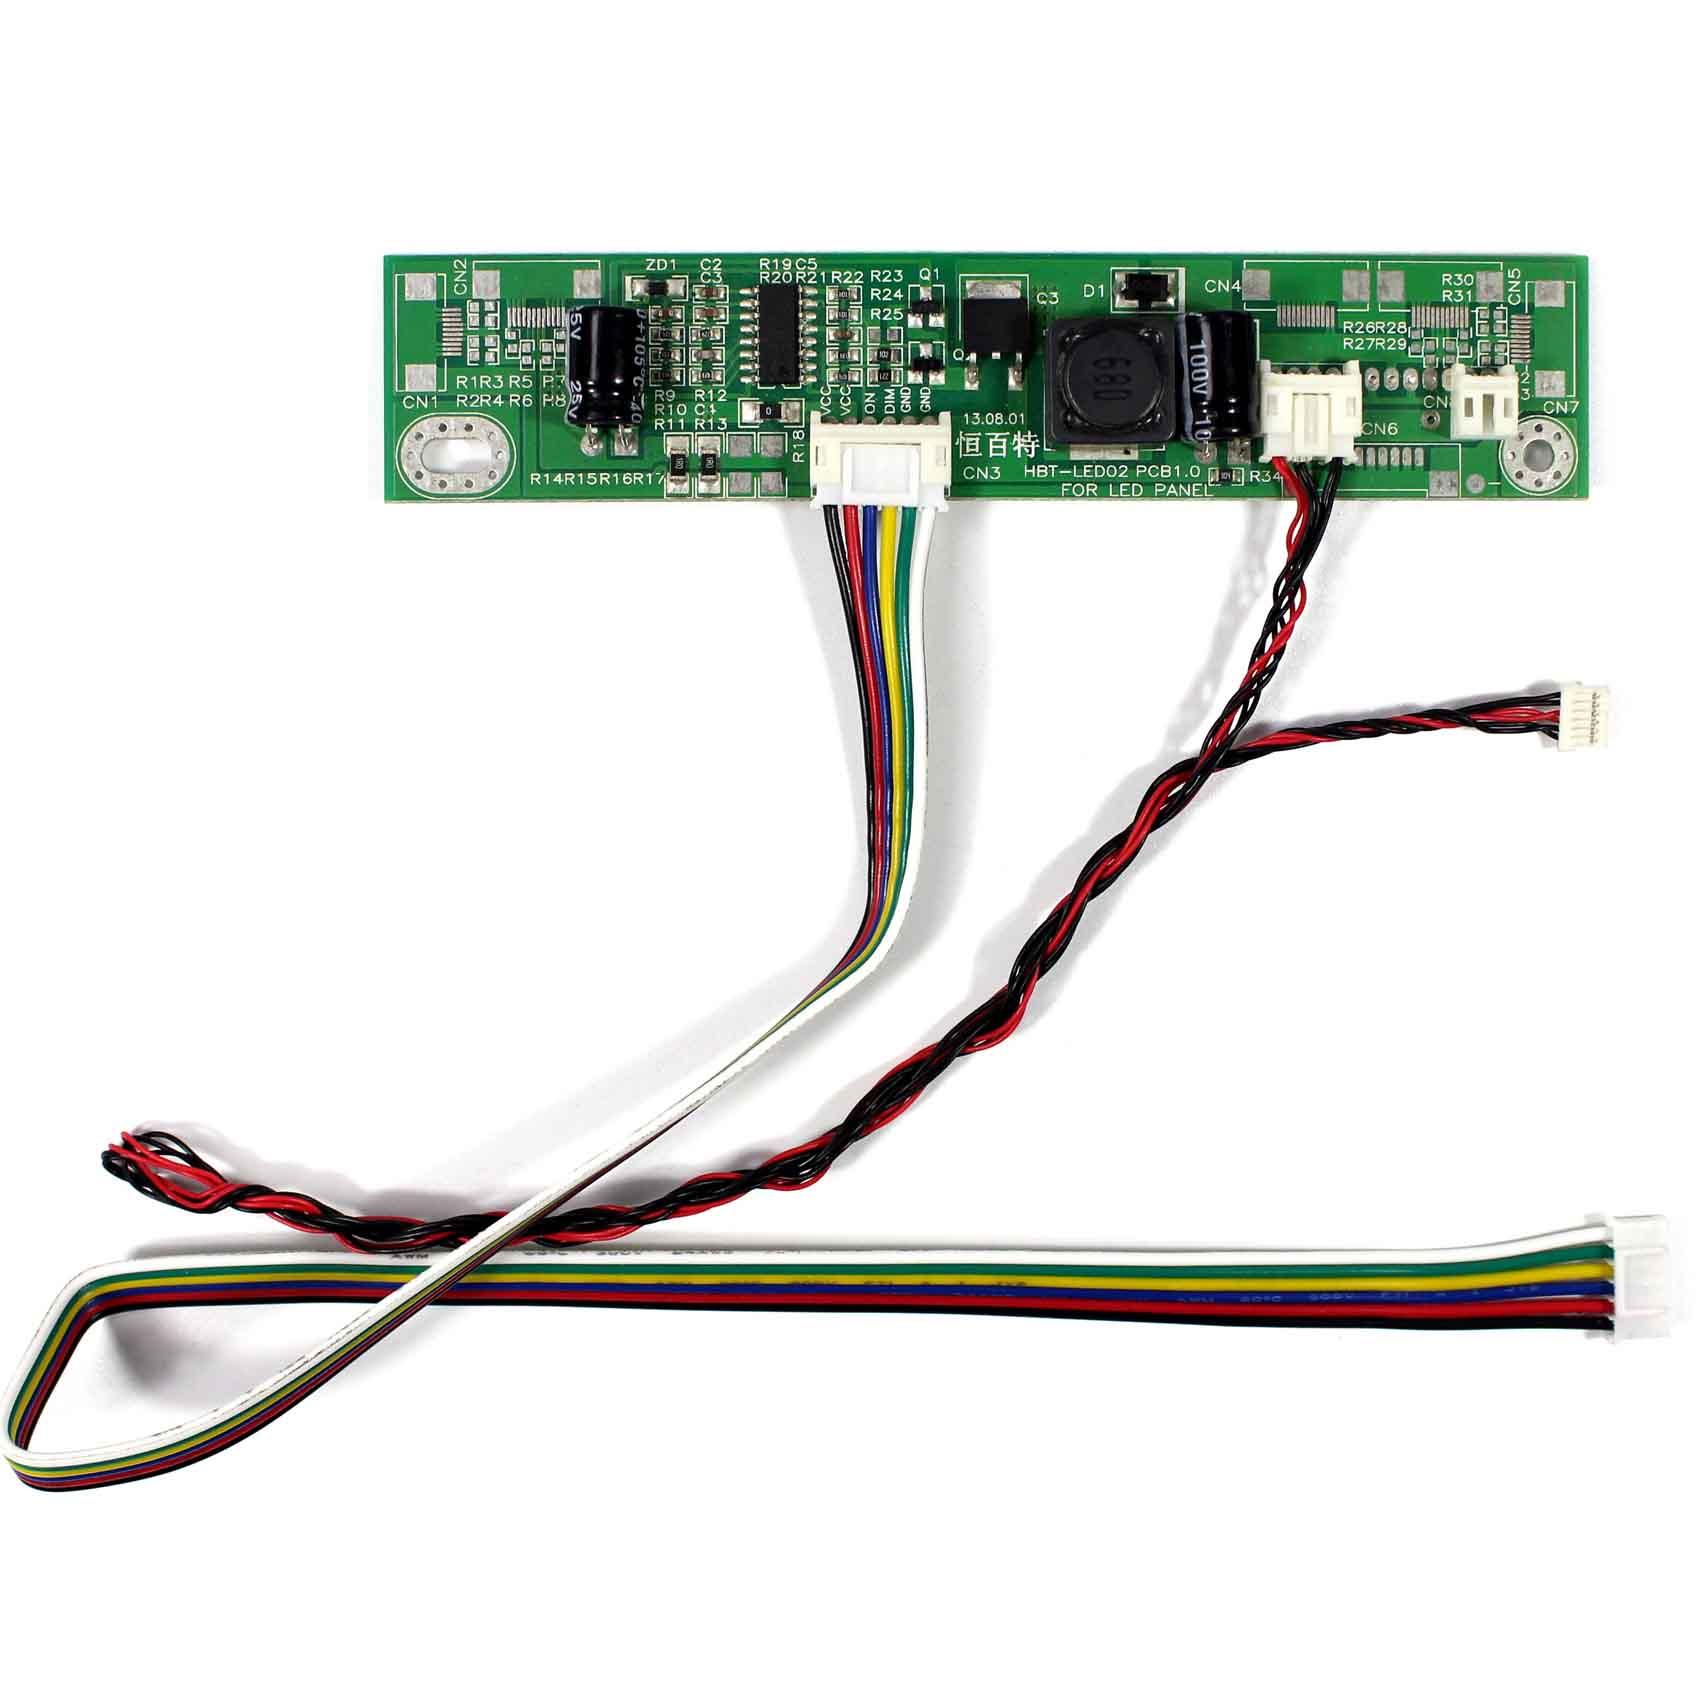 Placa de inversor LED para LTM185AT04 M270HW02 M215HW01 VB M185BGE-L22 VS632B-1 LCD